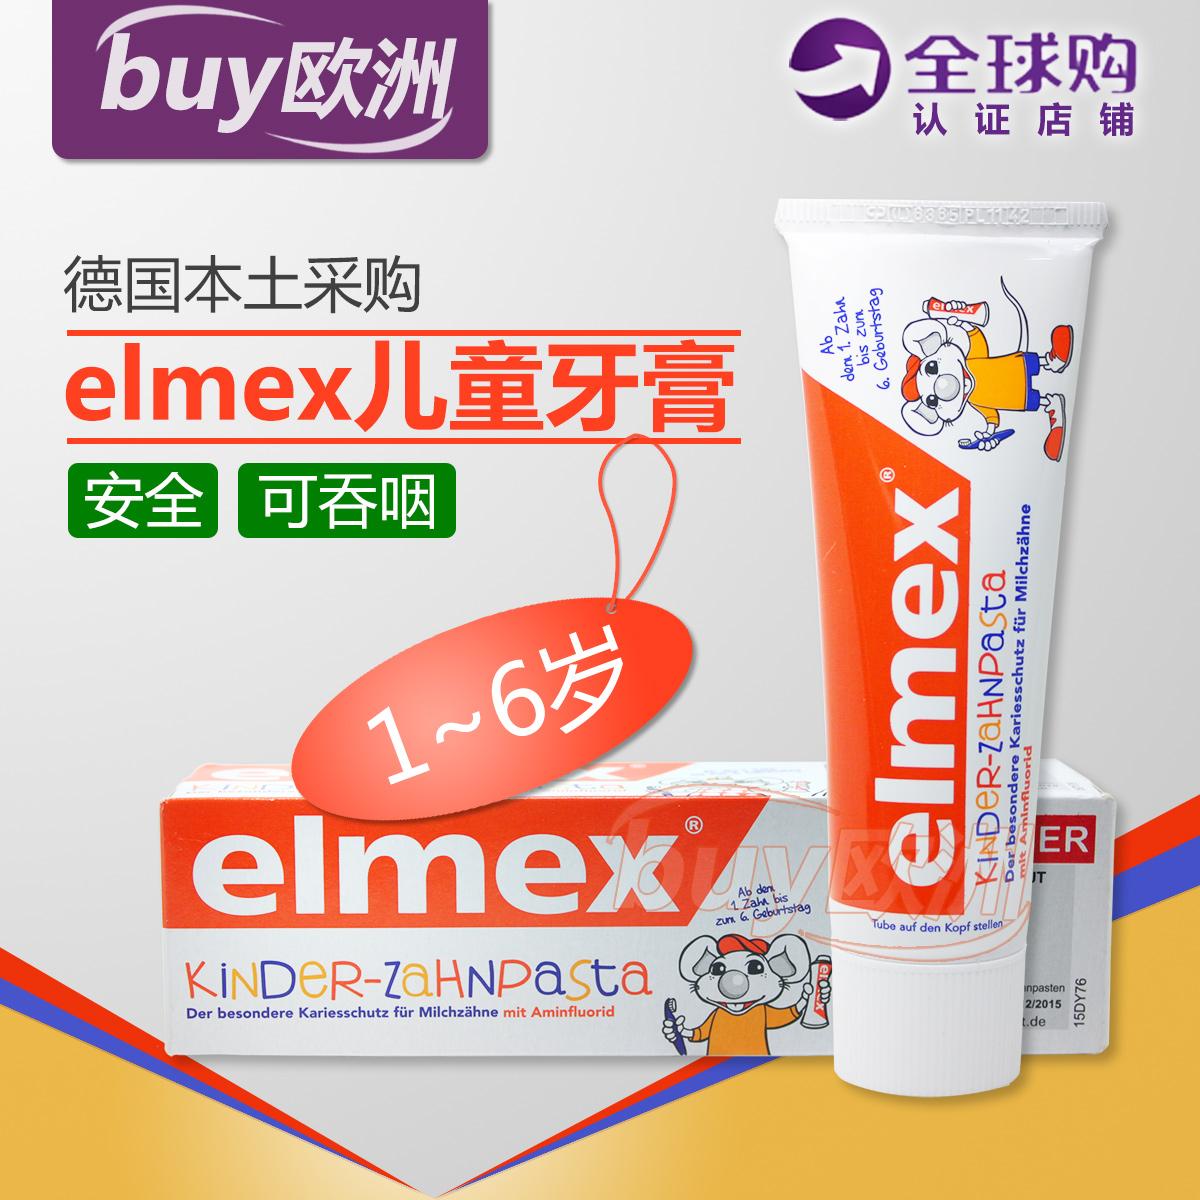 德国进口elmex含氟防蛀儿童牙膏可食可吞咽宝宝婴儿乳牙50ml现货